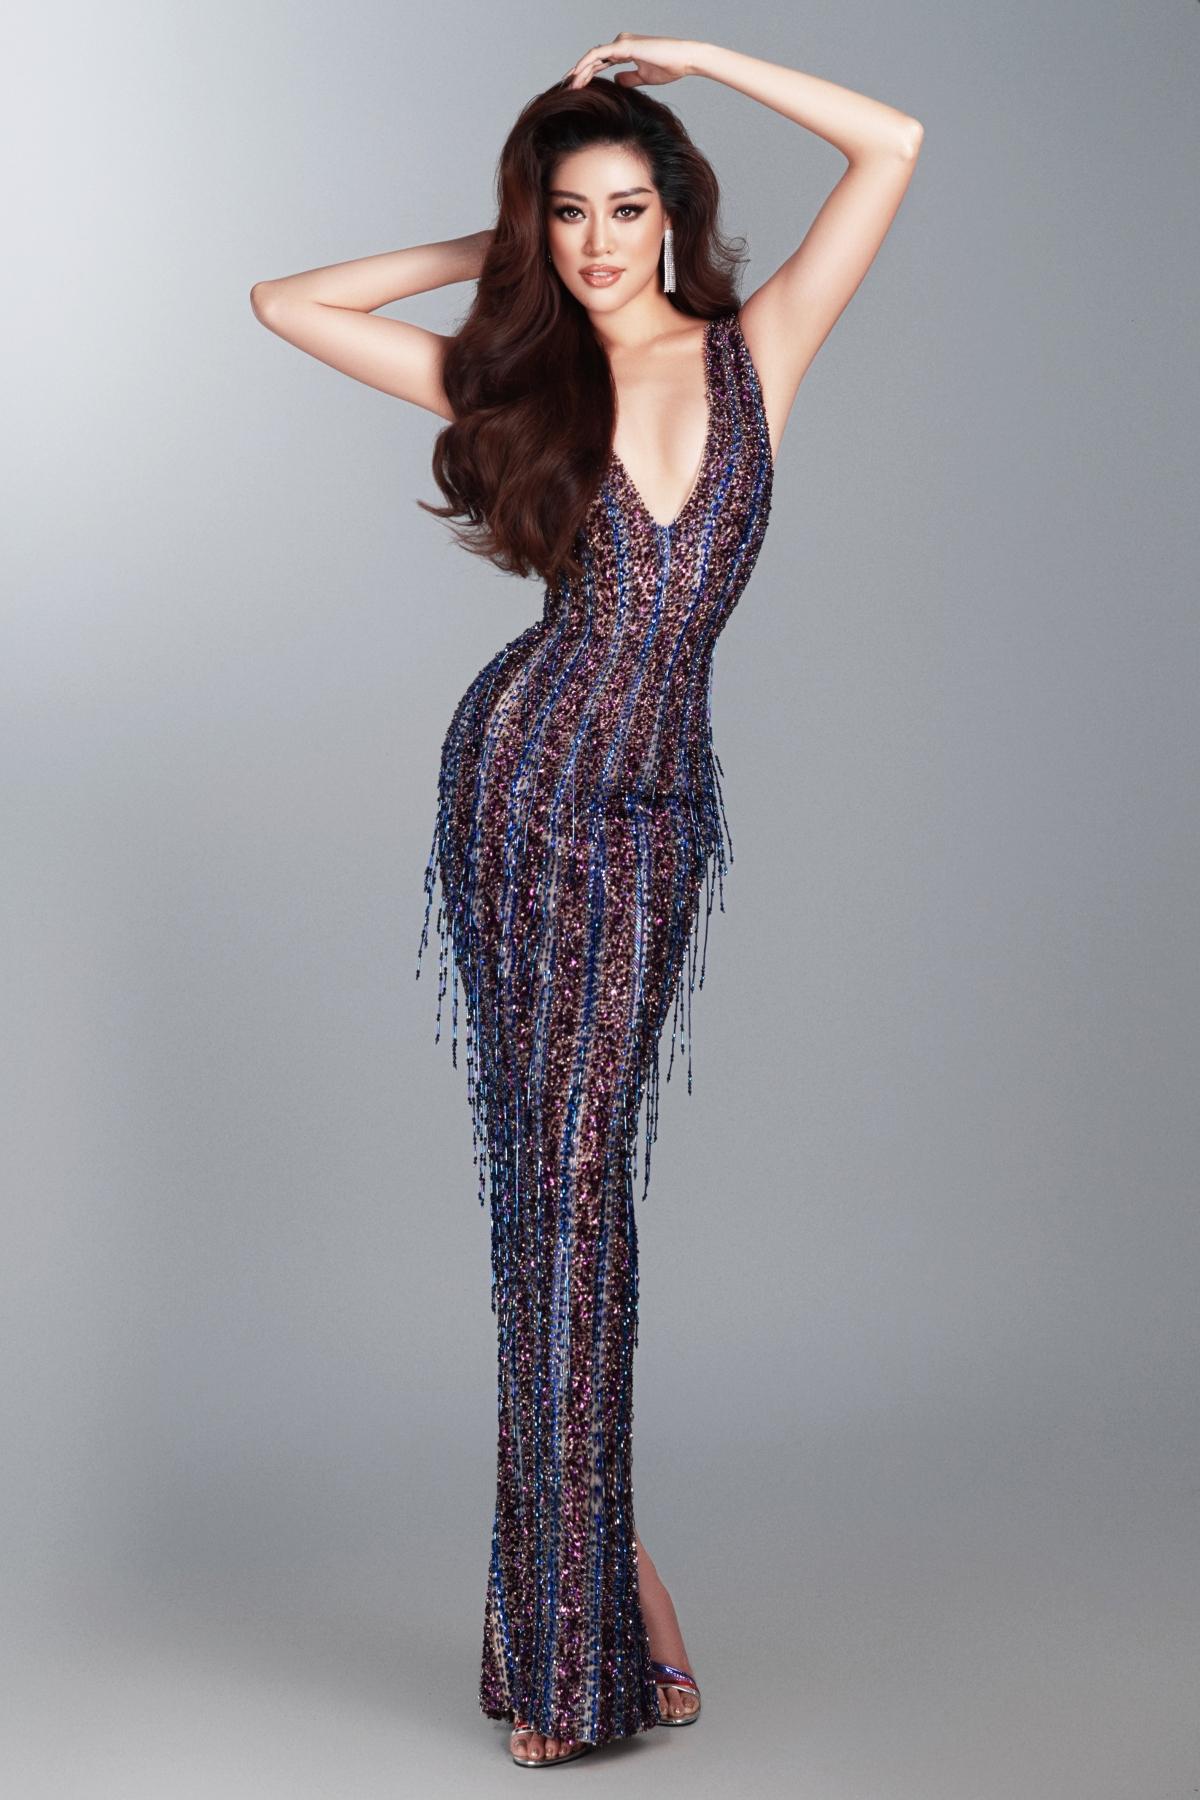 Mỗi lần Hoa hậu Khánh Vân xuất hiện luôn nhận được sự cổ vũ, ủng hộ từ khán giả quốc tế có mặt tại địa điểm diễn ra cuộc thi, cho thấy sức hút của đại diện Việt Nam không hề thua kém các đại diện khác.